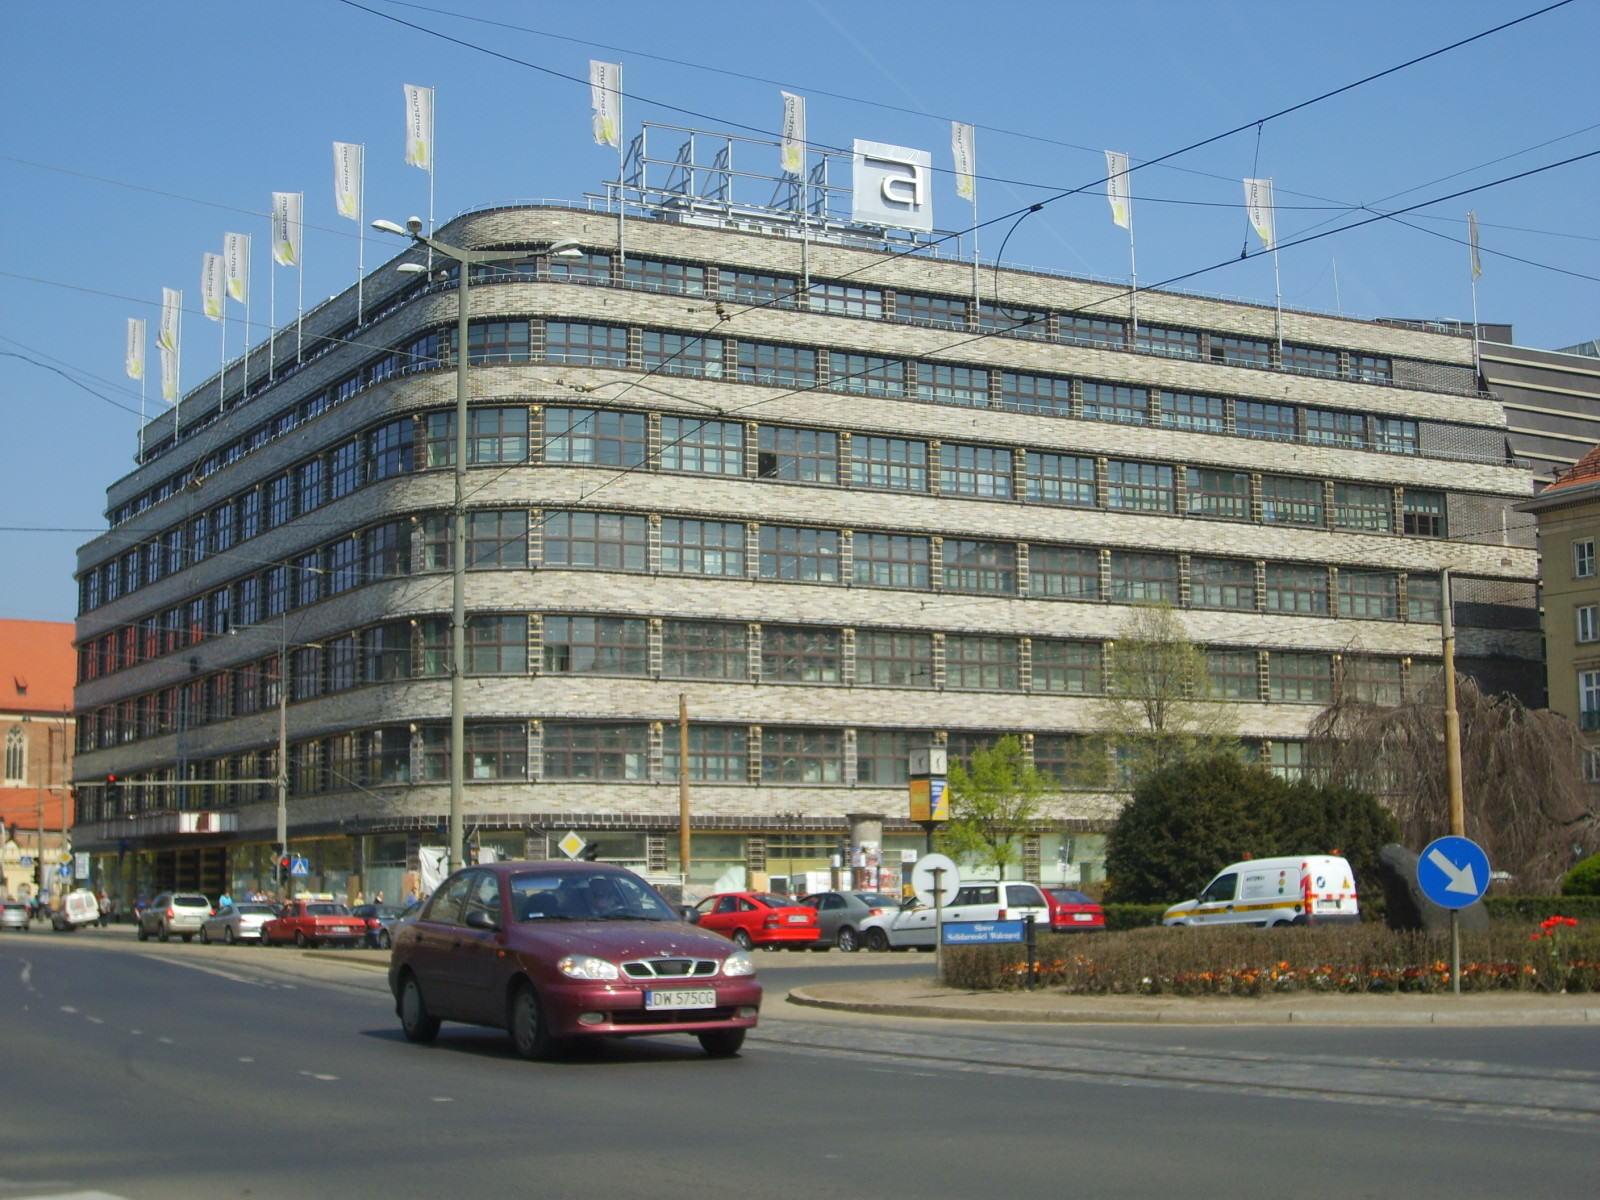 Renoma w 2009 roku, autor: Wiśnia / Wikimedia Commons lic. CC-BY-3.0